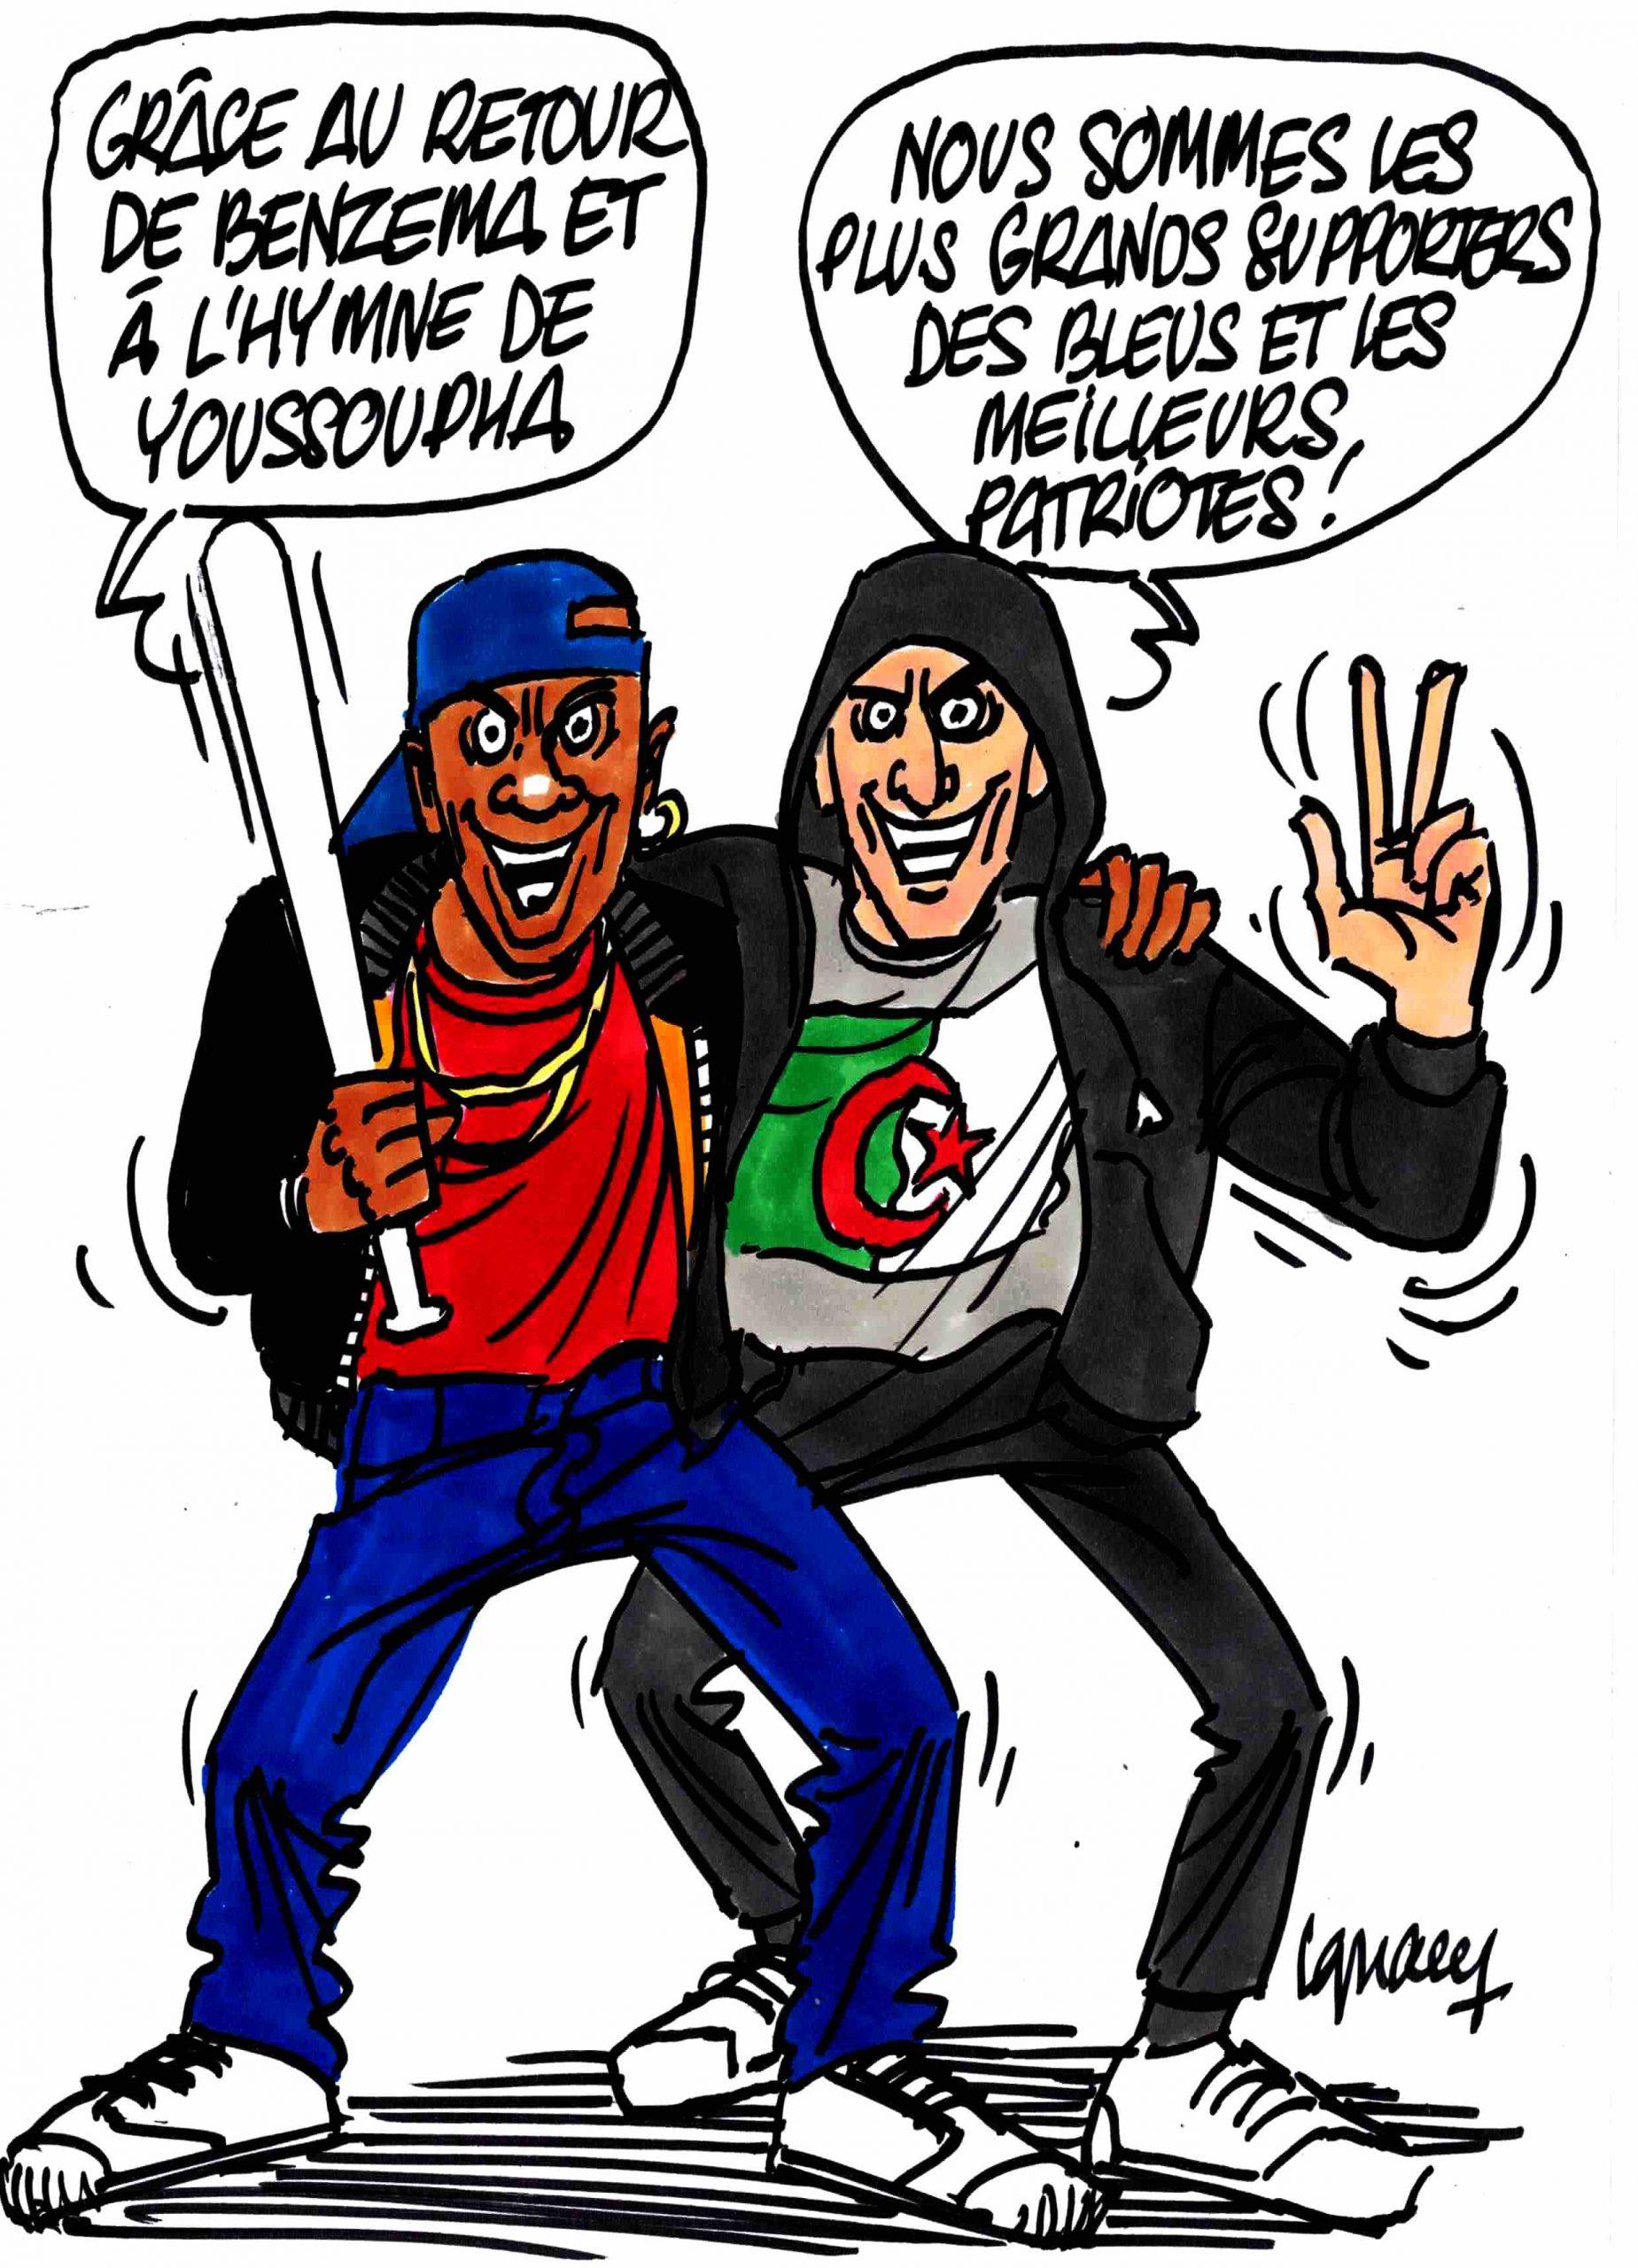 Ignace - Youssoupha, Benzema, etcetera